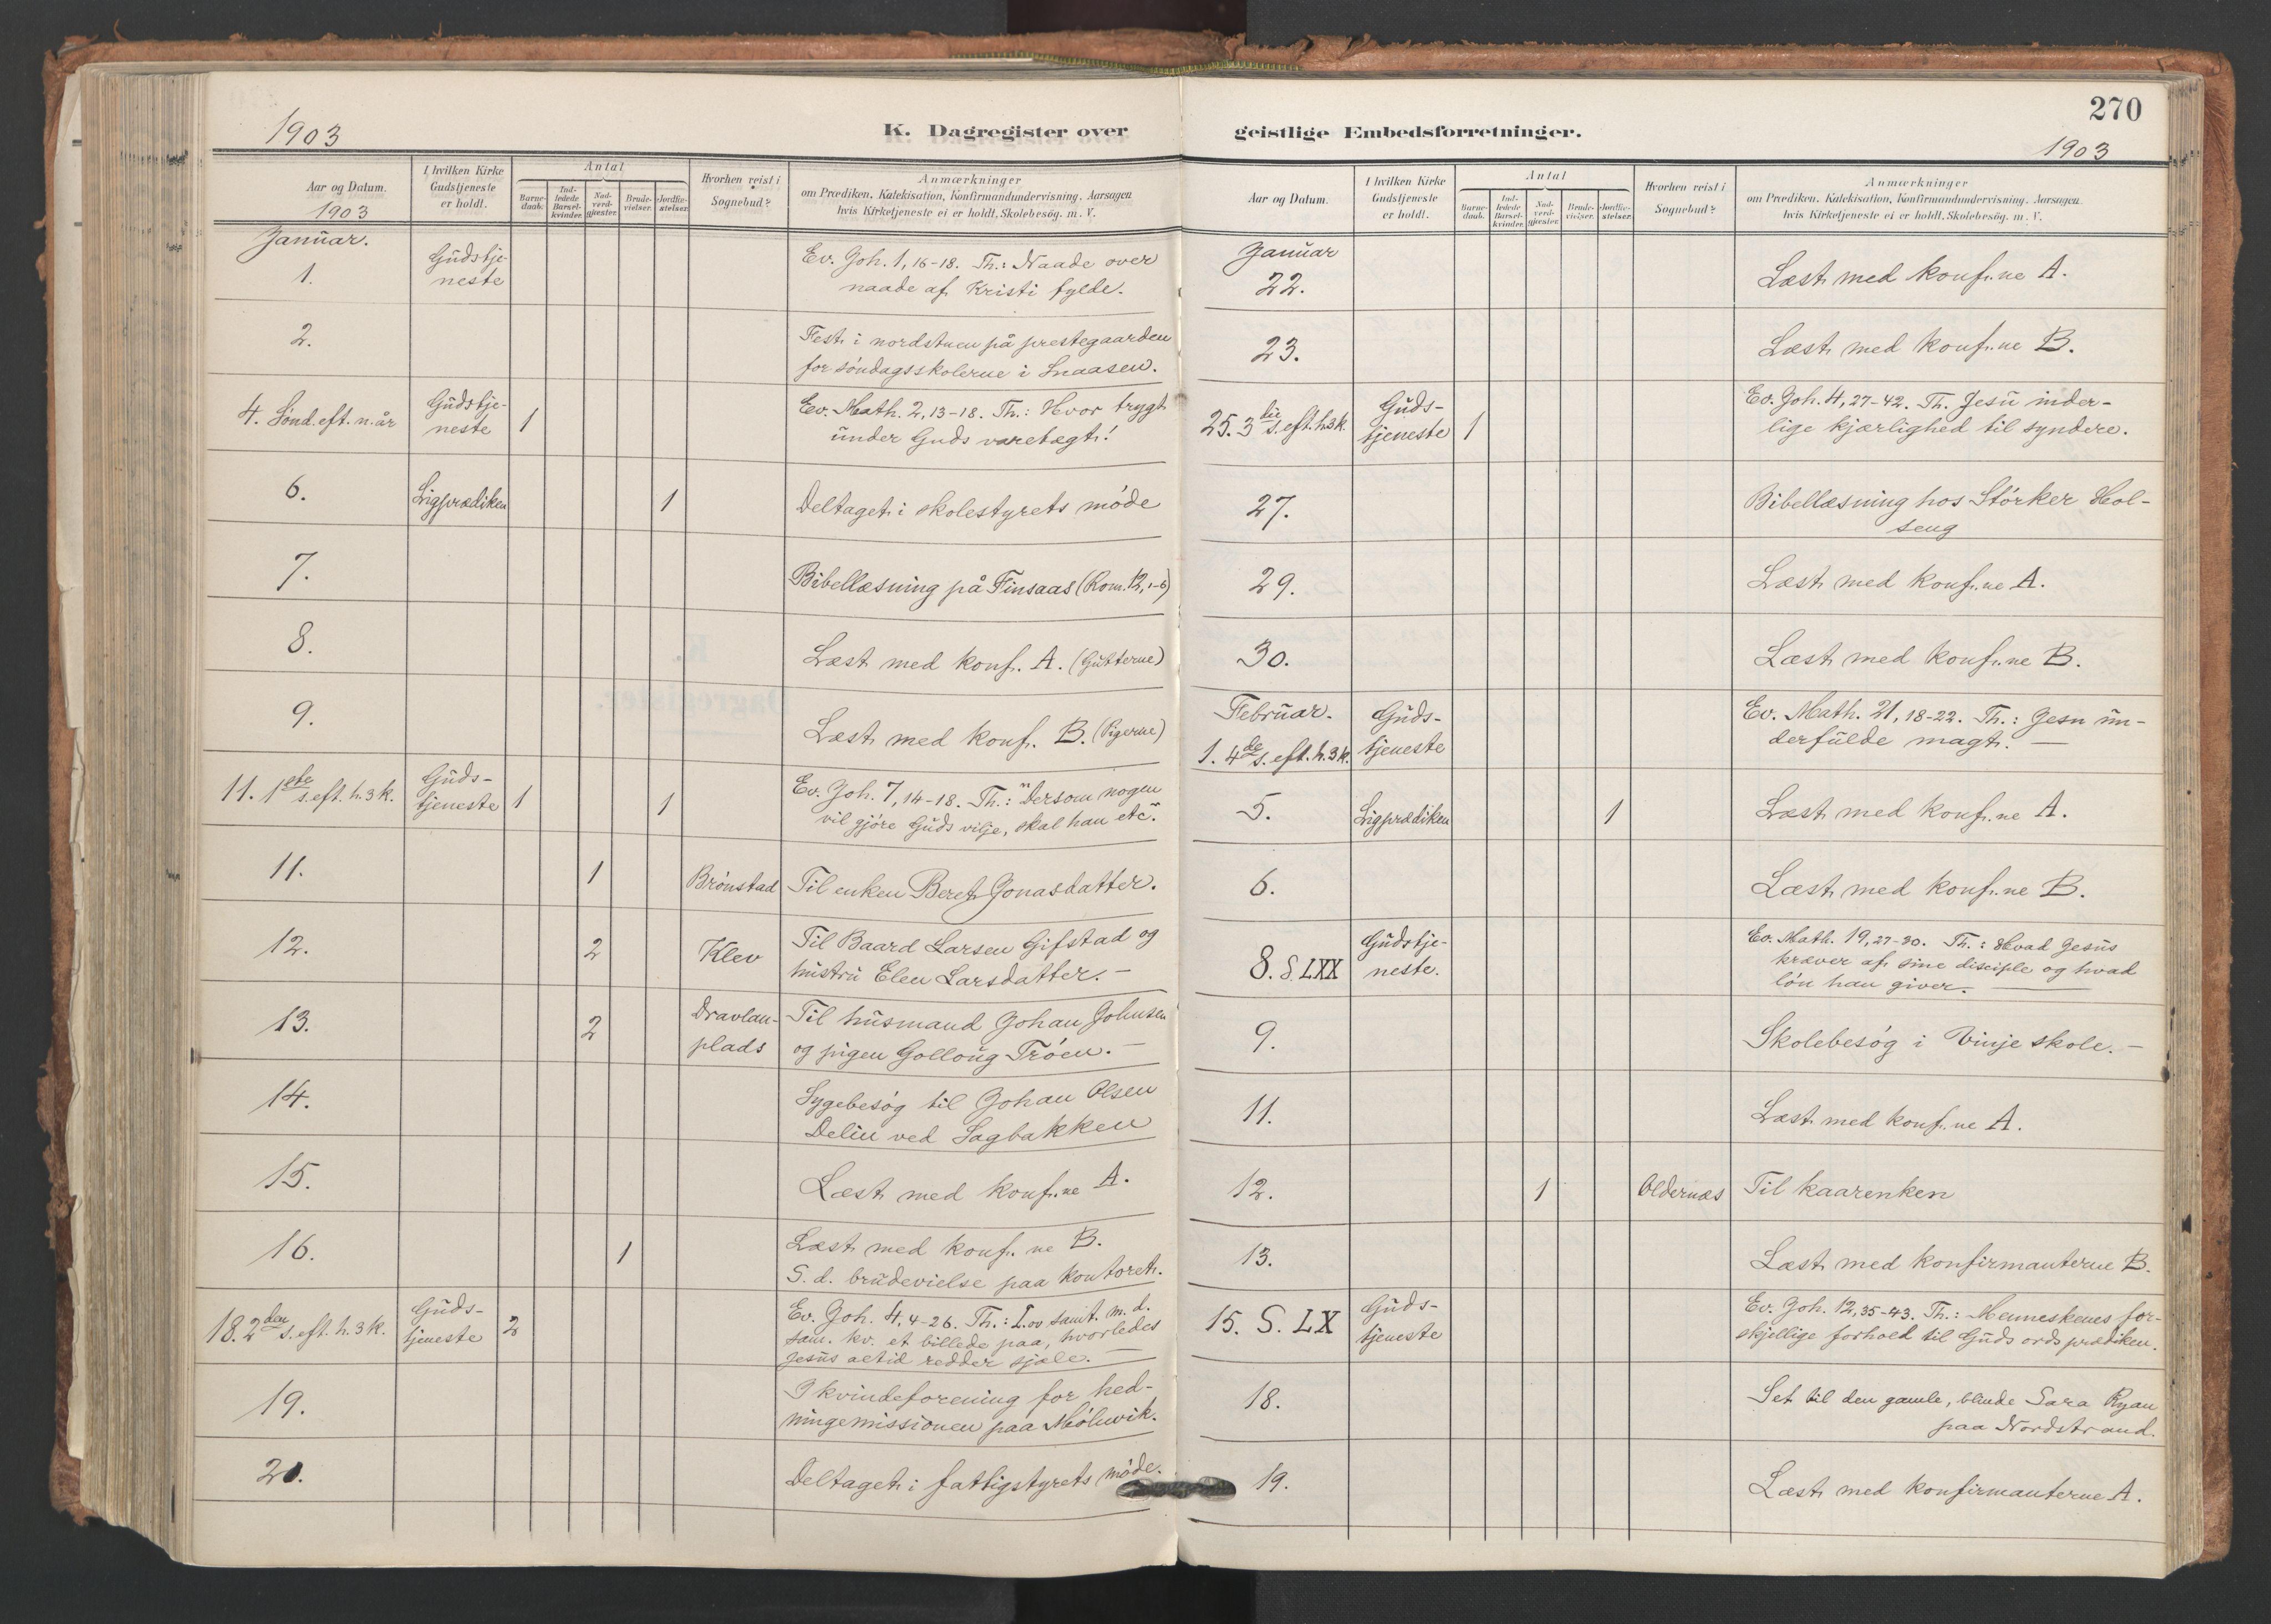 SAT, Ministerialprotokoller, klokkerbøker og fødselsregistre - Nord-Trøndelag, 749/L0477: Ministerialbok nr. 749A11, 1902-1927, s. 270